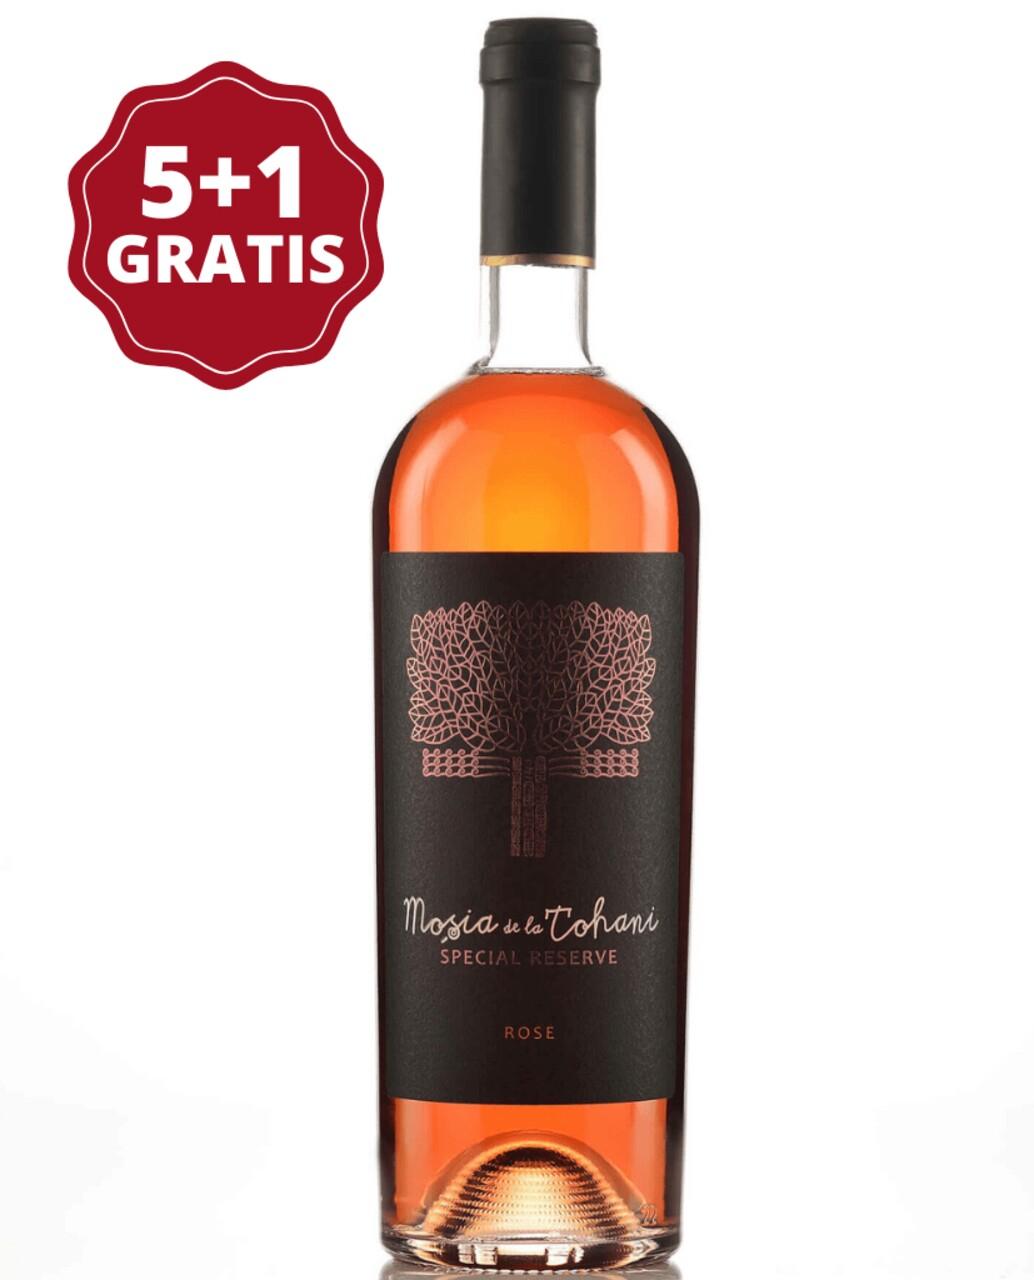 Mosia de la Tohani Special Reserve Rose 5+1